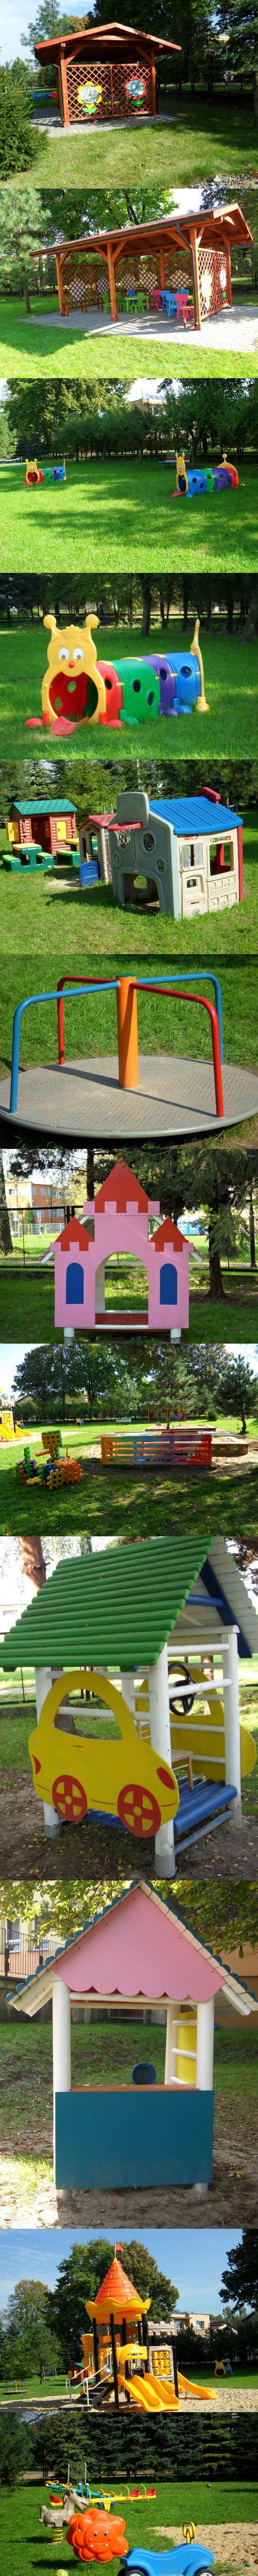 http://gpp.zebrzydowice.szkolnastrona.pl/container/left_banner.//banner-3xp-v10-v3.jpg